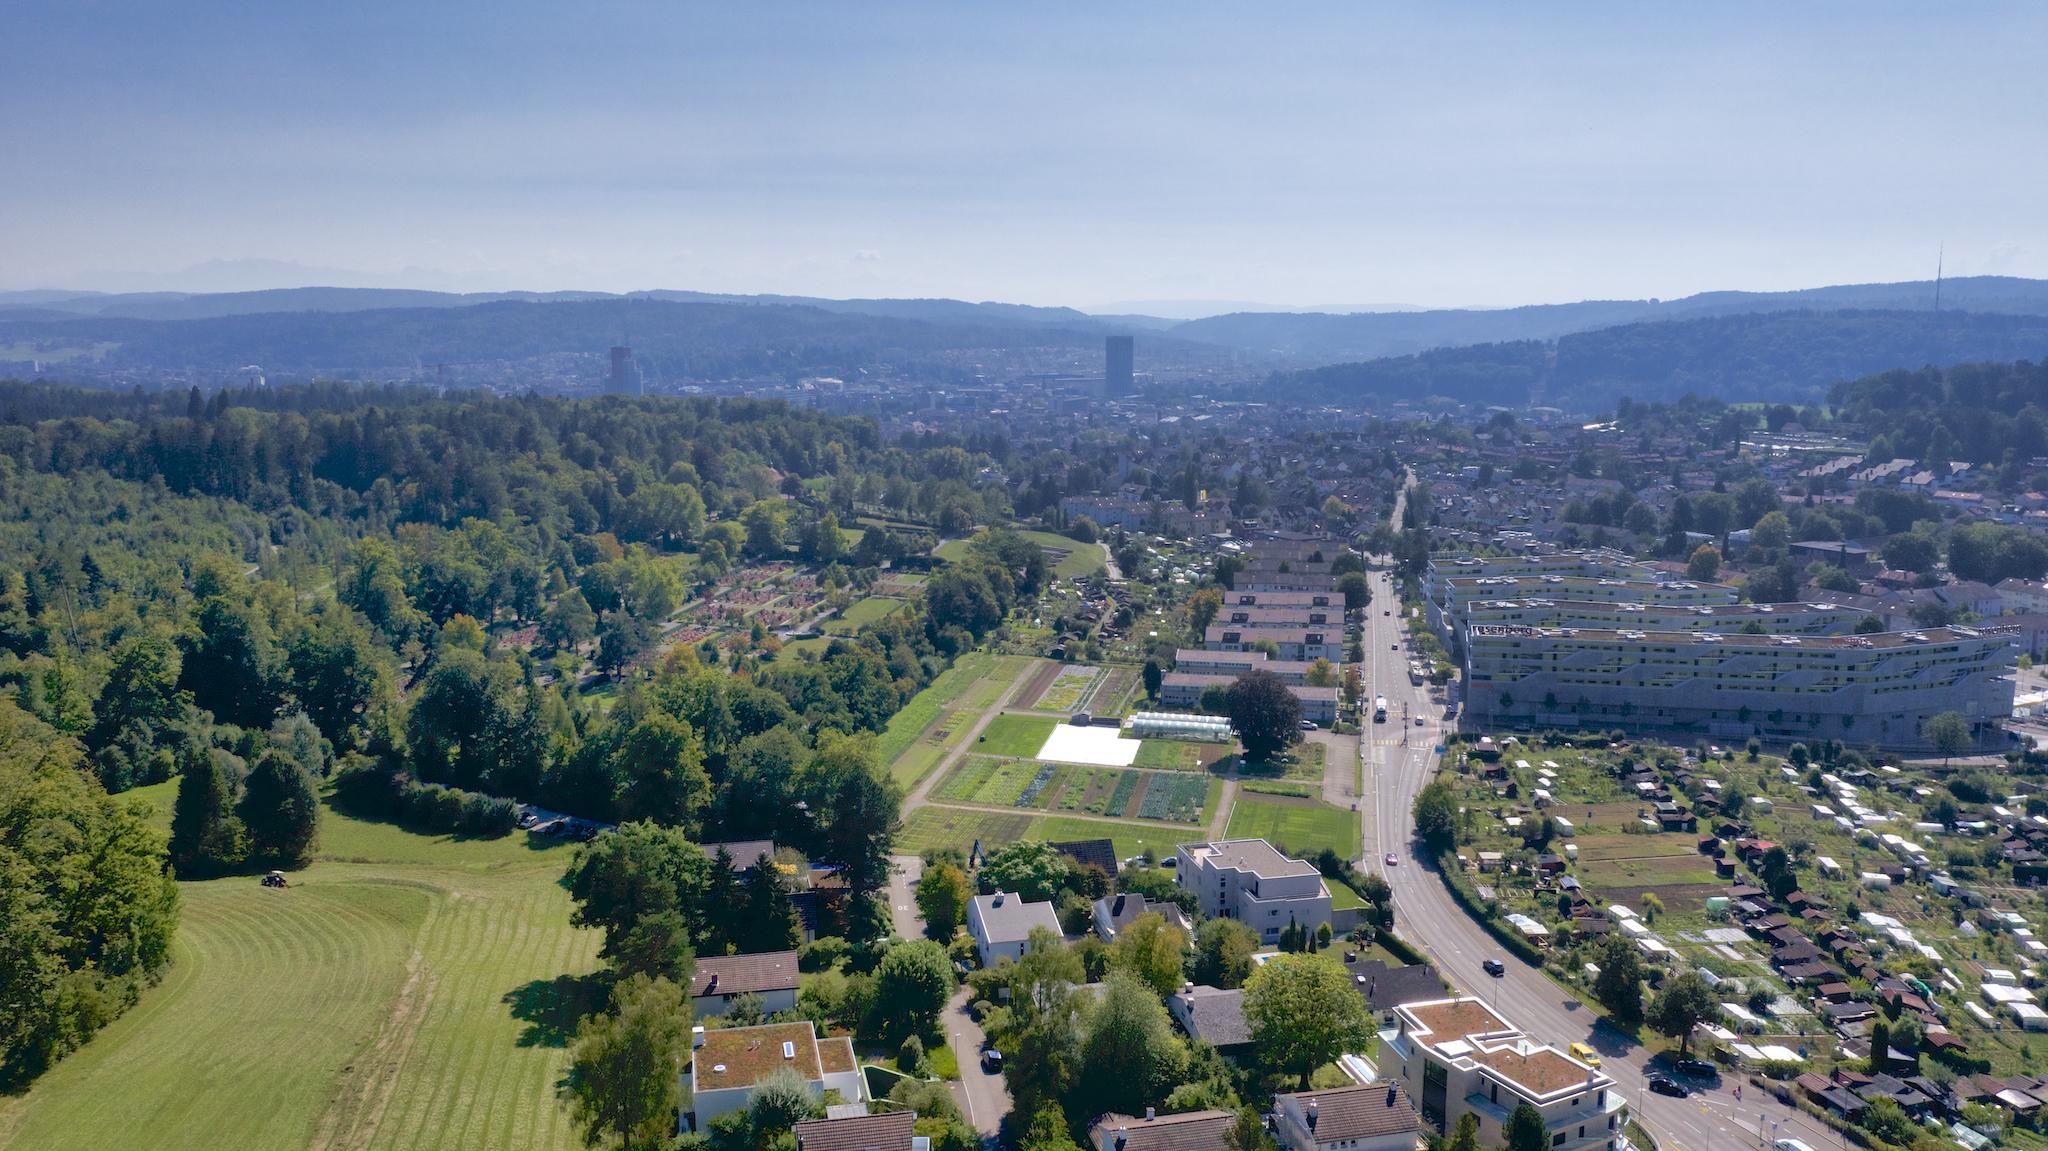 Blick über das Quartier Richtung Stadt